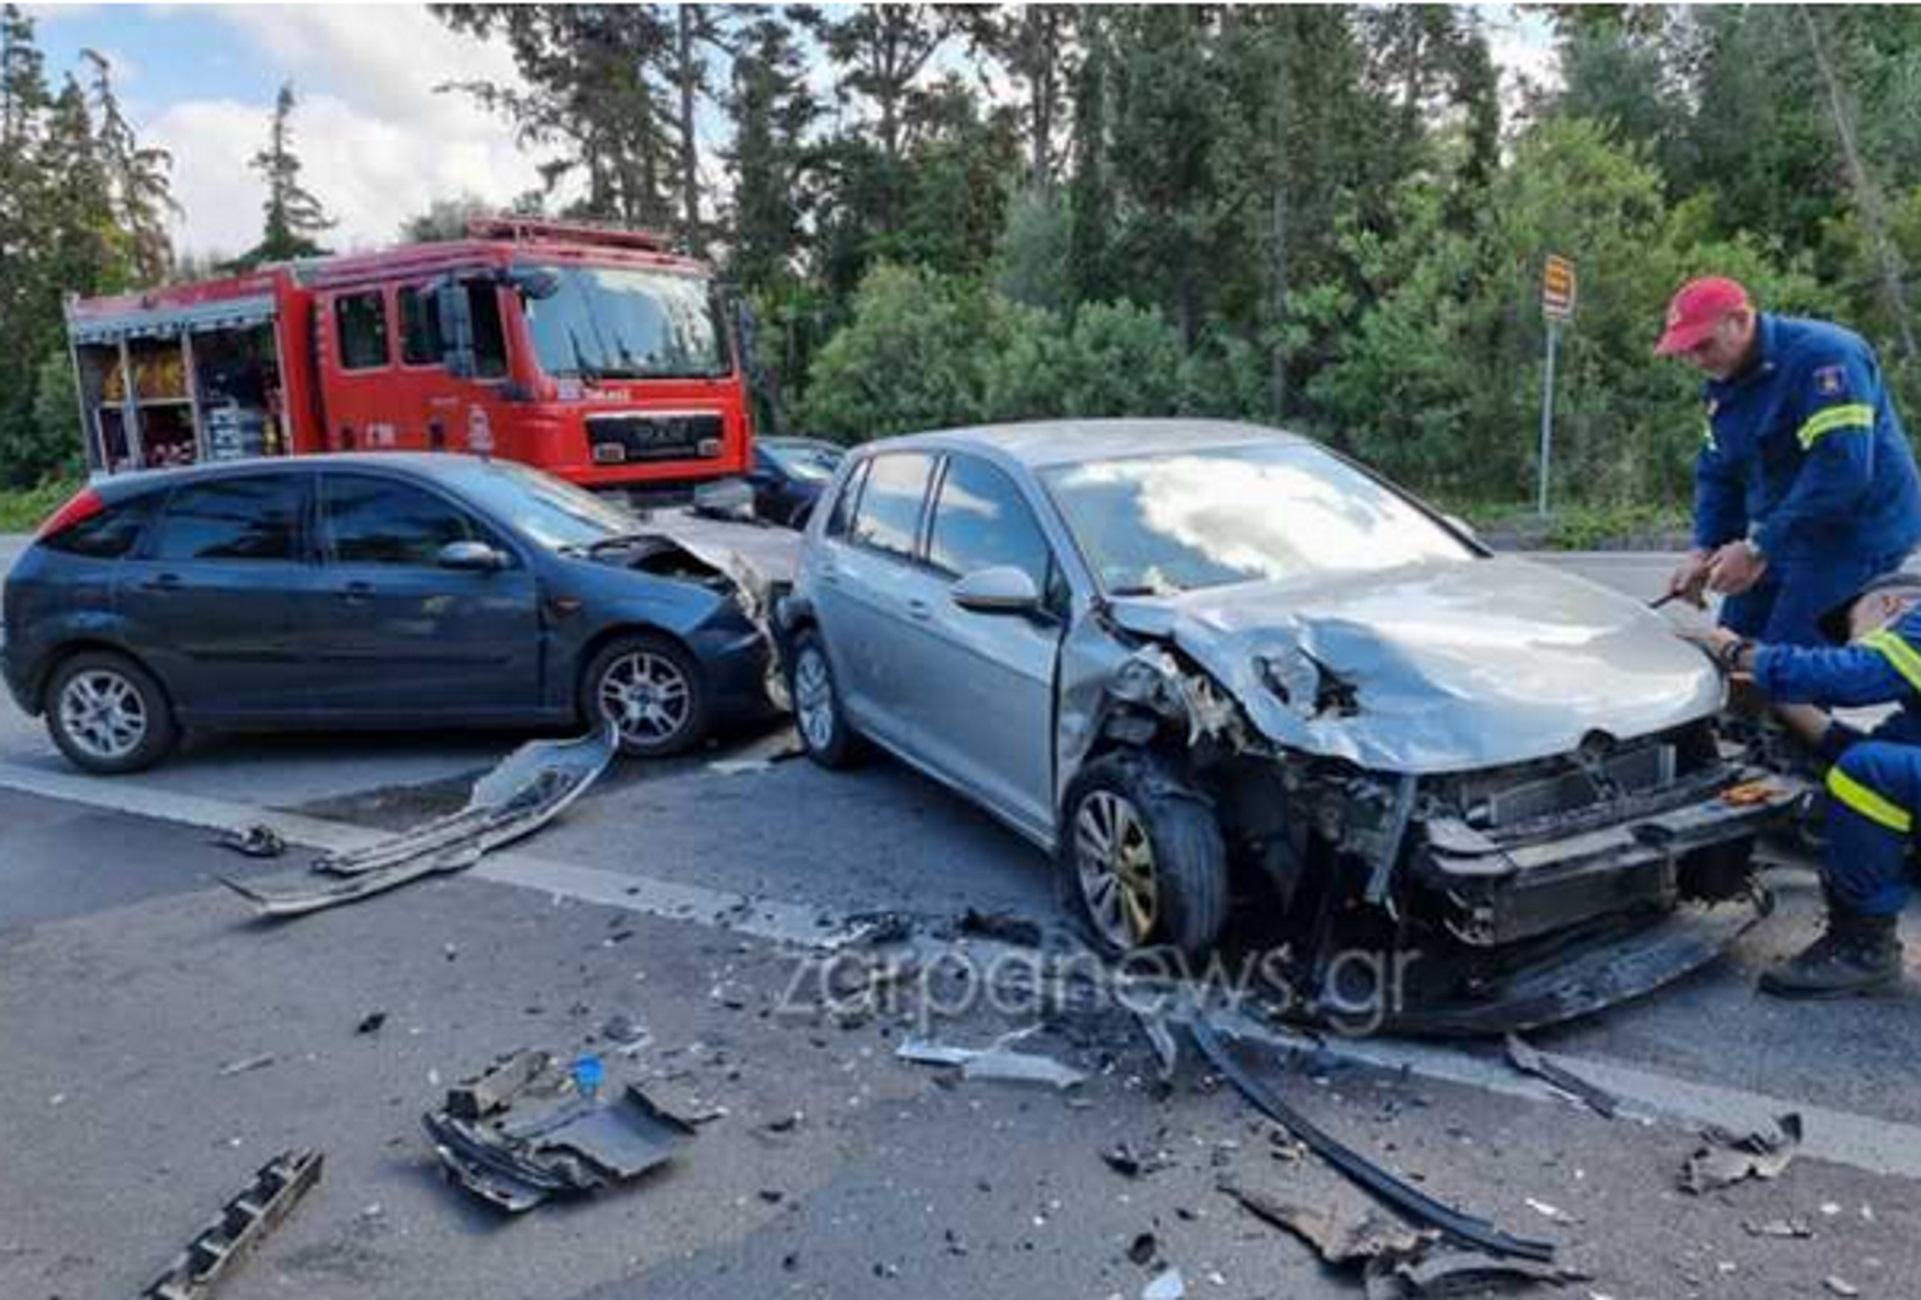 Χανιά: Τροχαίο με τρεις τραυματίες στον κόμβο του Πλατανιά – Αυτοψία στο σημείο του ατυχήματος